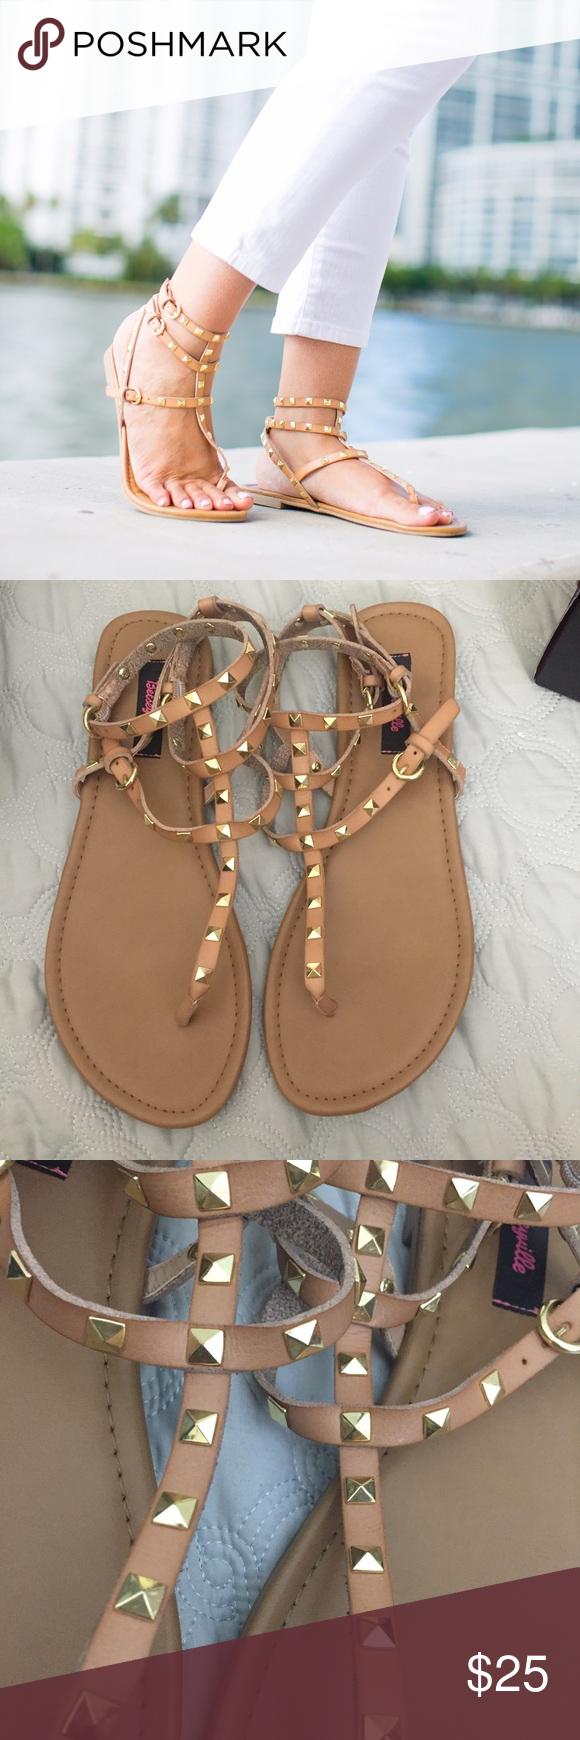 58bc6e3c5baf Betseyville nude studded gladiator sandals These are Betseyville brand  studded gladiator sandals.